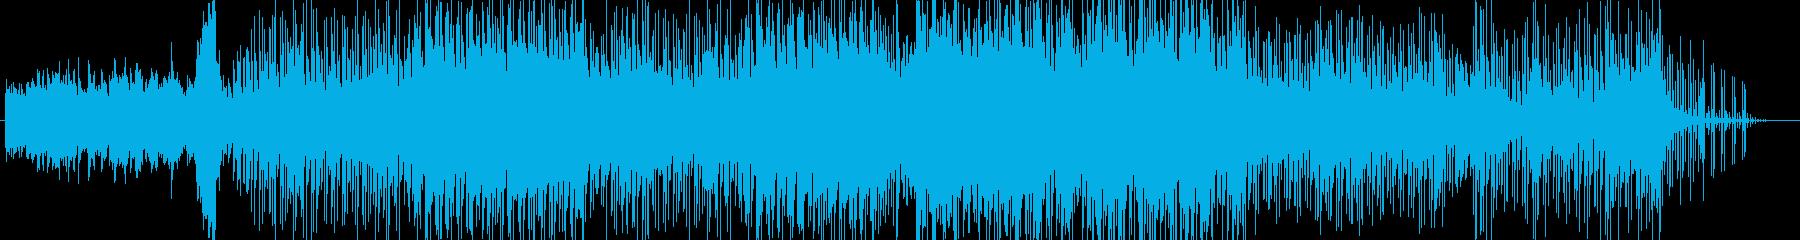 切なさと静寂のピアノバラードインスト曲の再生済みの波形